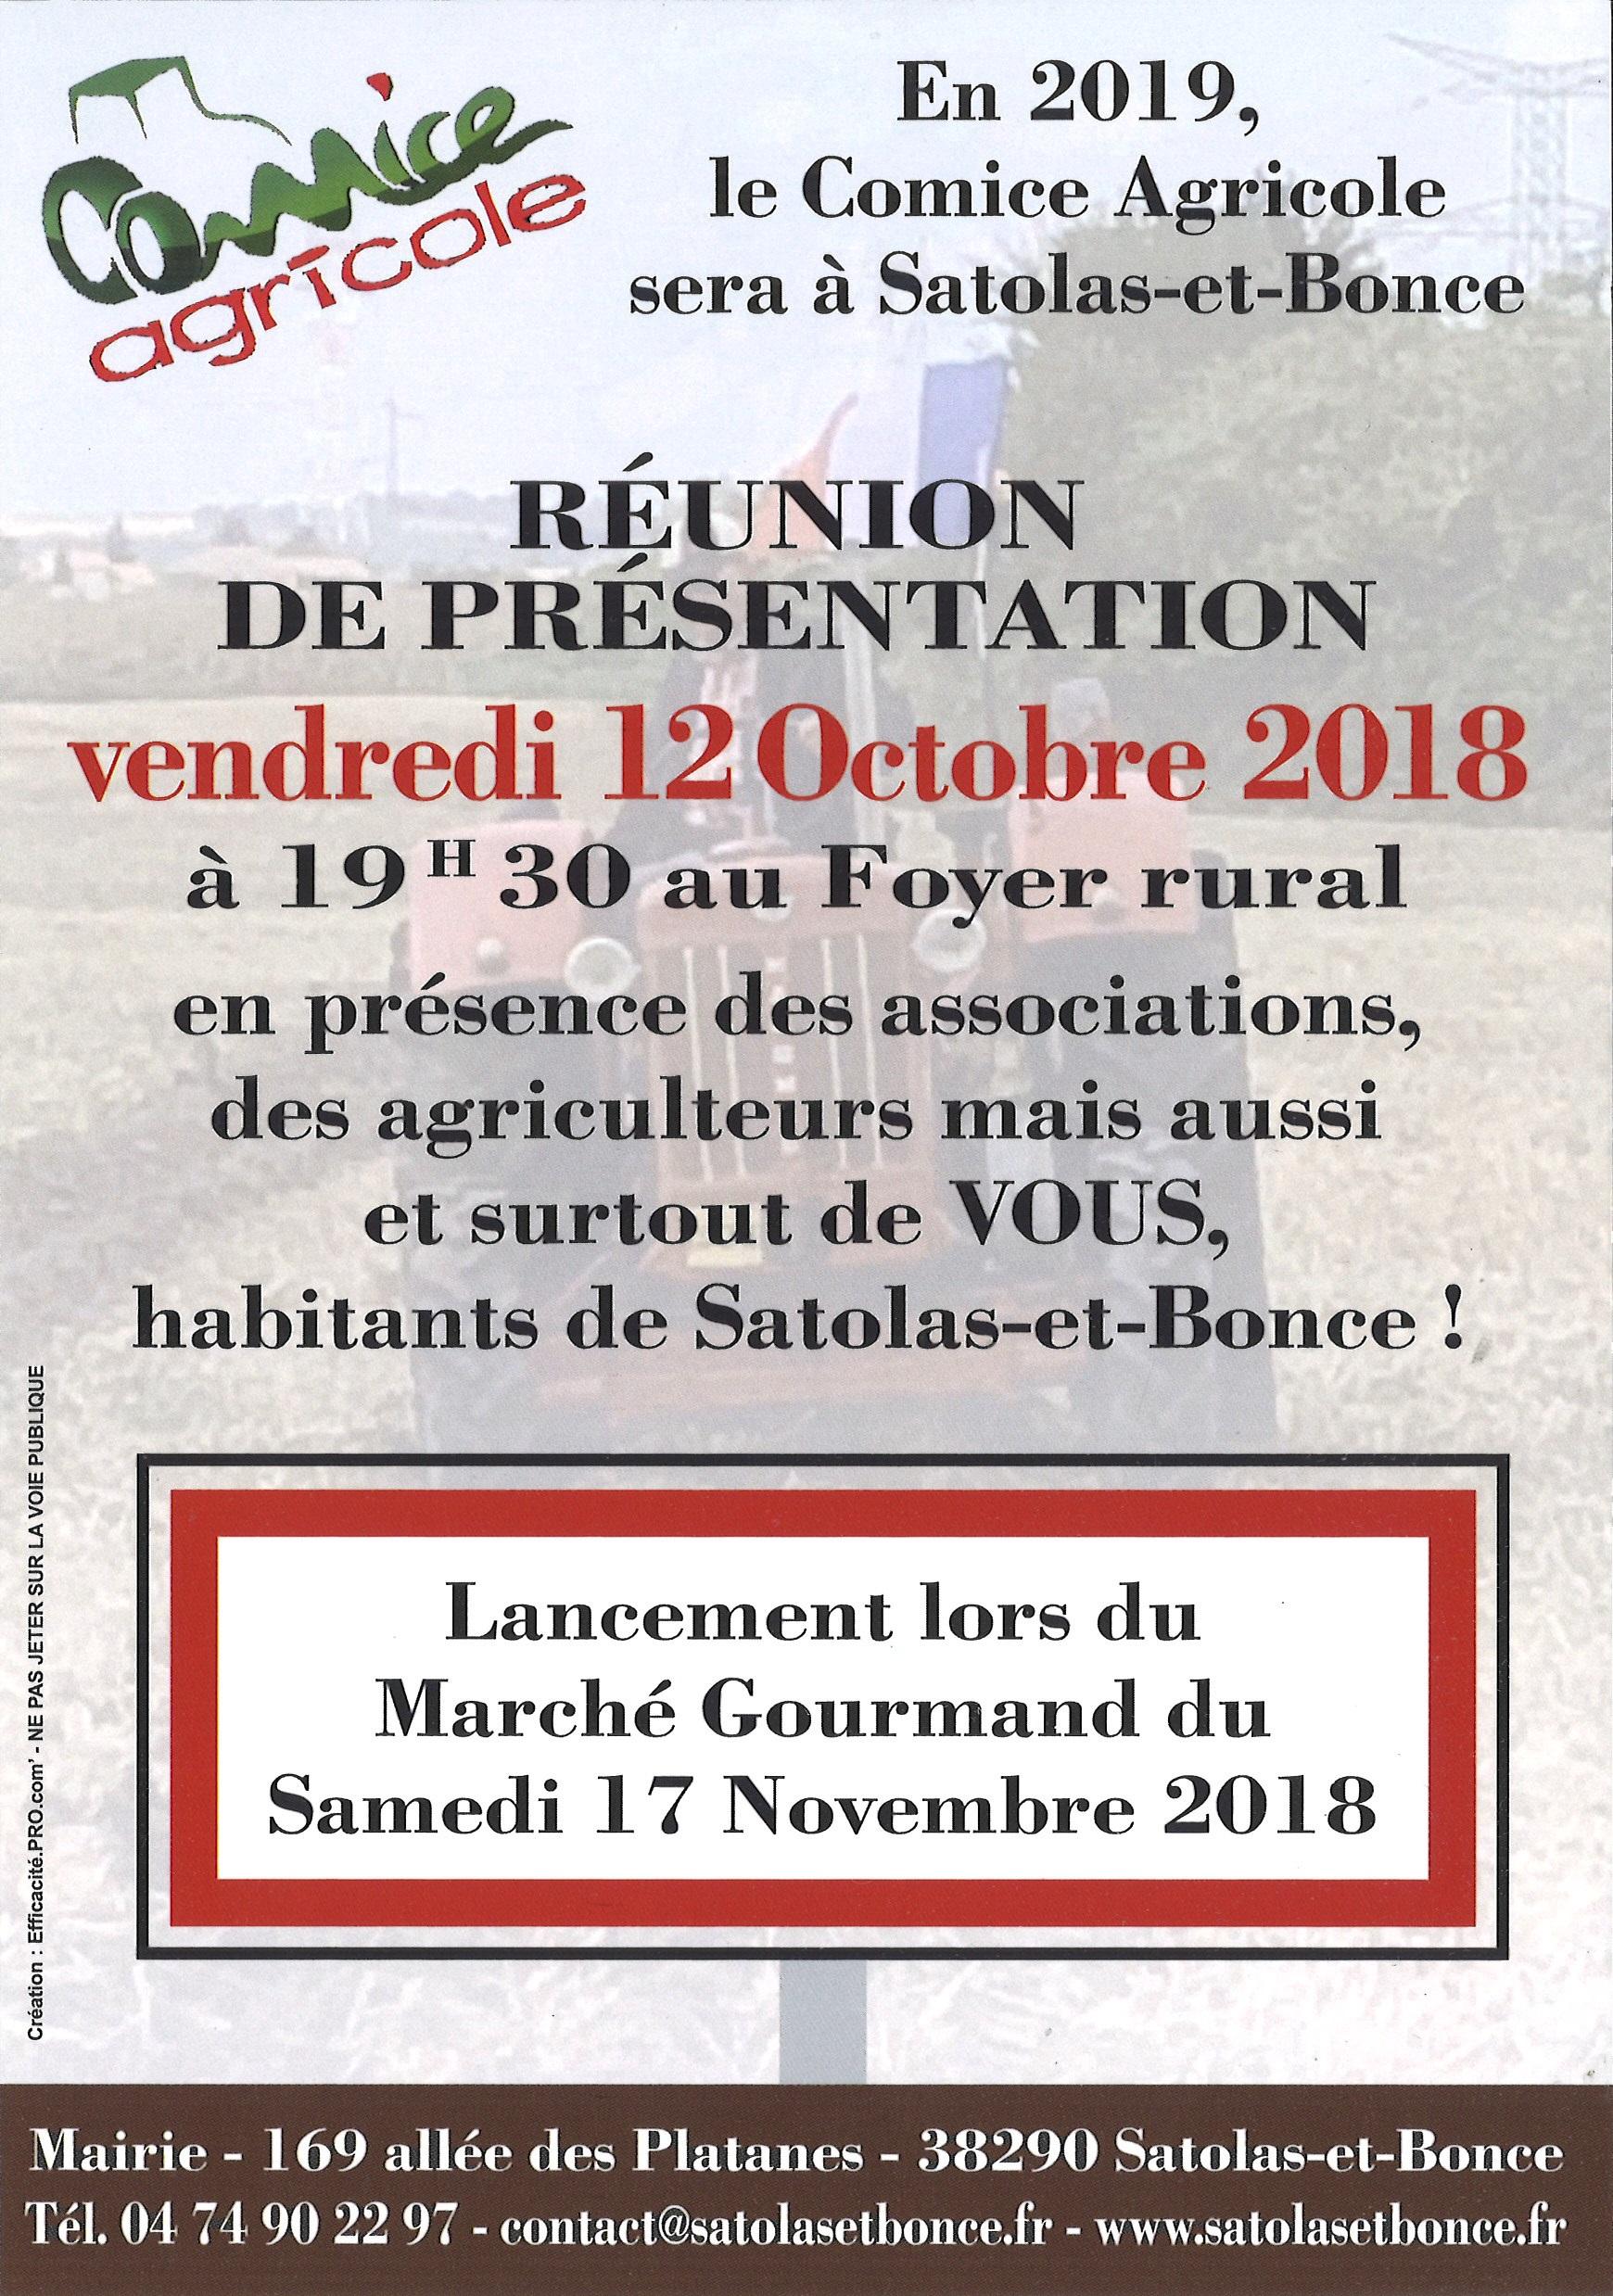 poster-reunion-de-presentation-comice-agricole